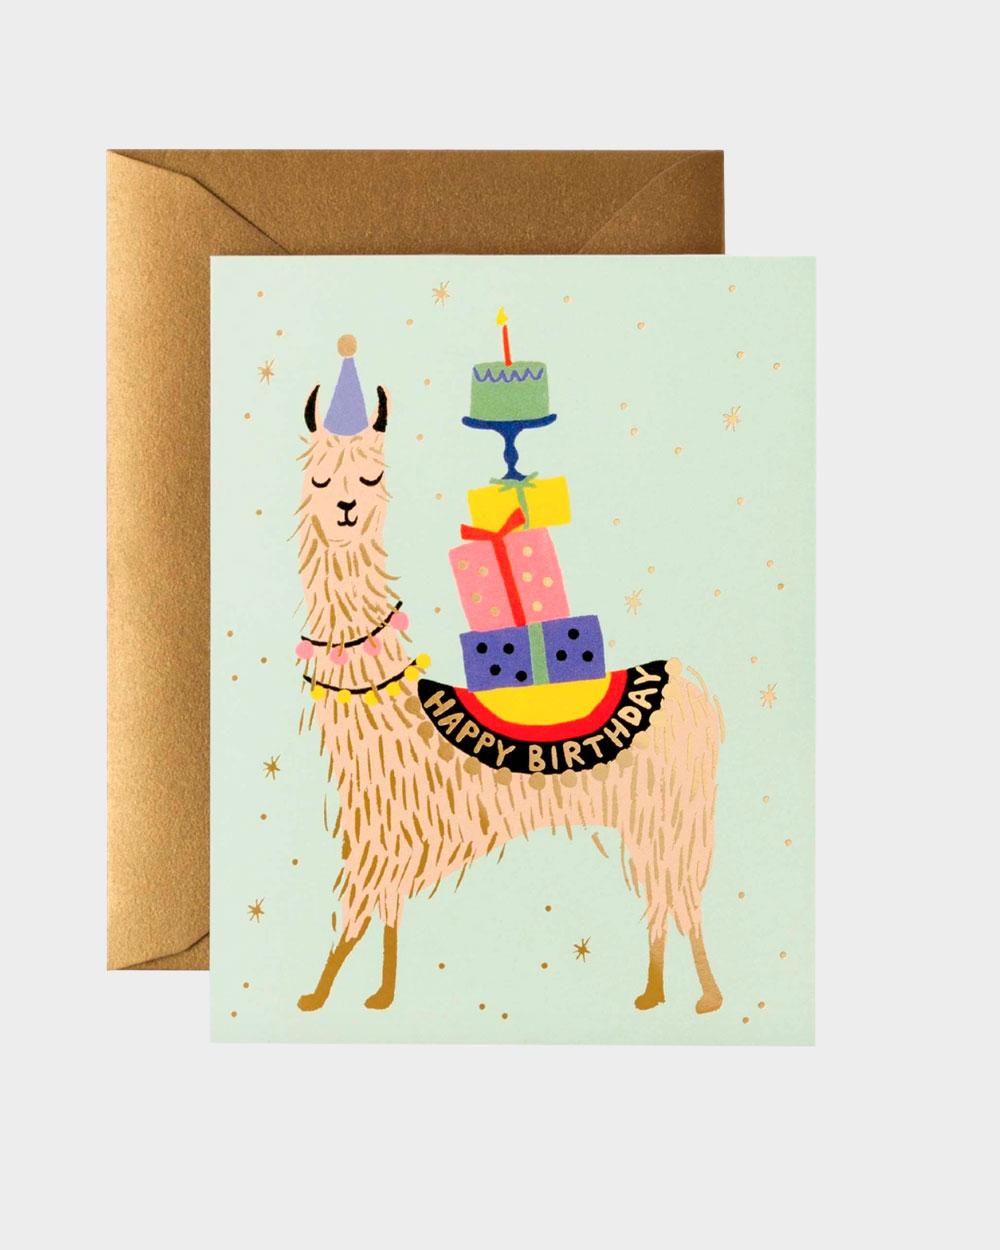 syntymäpäiväkortti kuvituksena alpakka ja pino lahjoja ja kakku